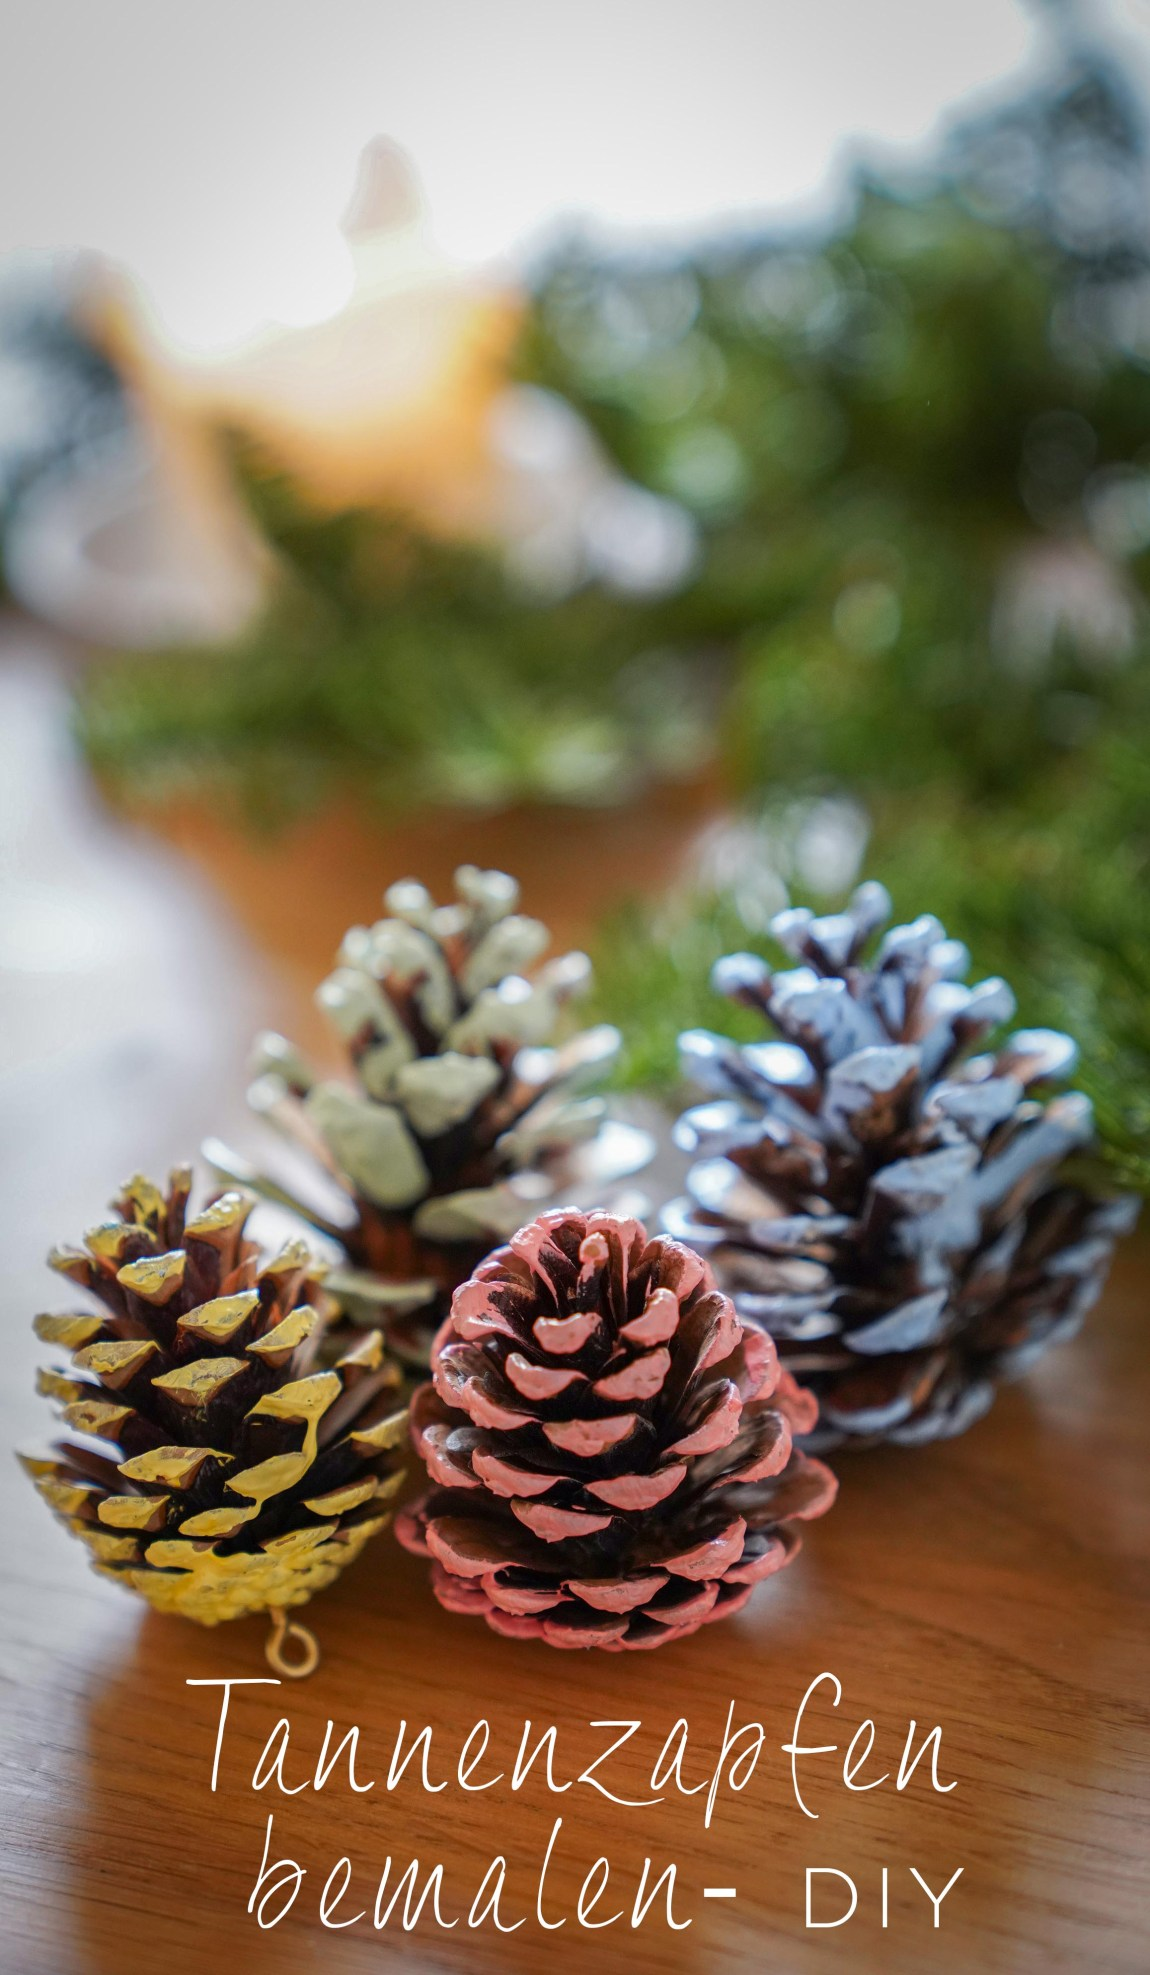 Einfacher Tannenbaumschmuck aus bemalten Tannenzapfen sind ein super Weihnachtsschmuck für den Weihnachtsbaum.Ein DIY dazu auf dem Blog | Ichsowirso